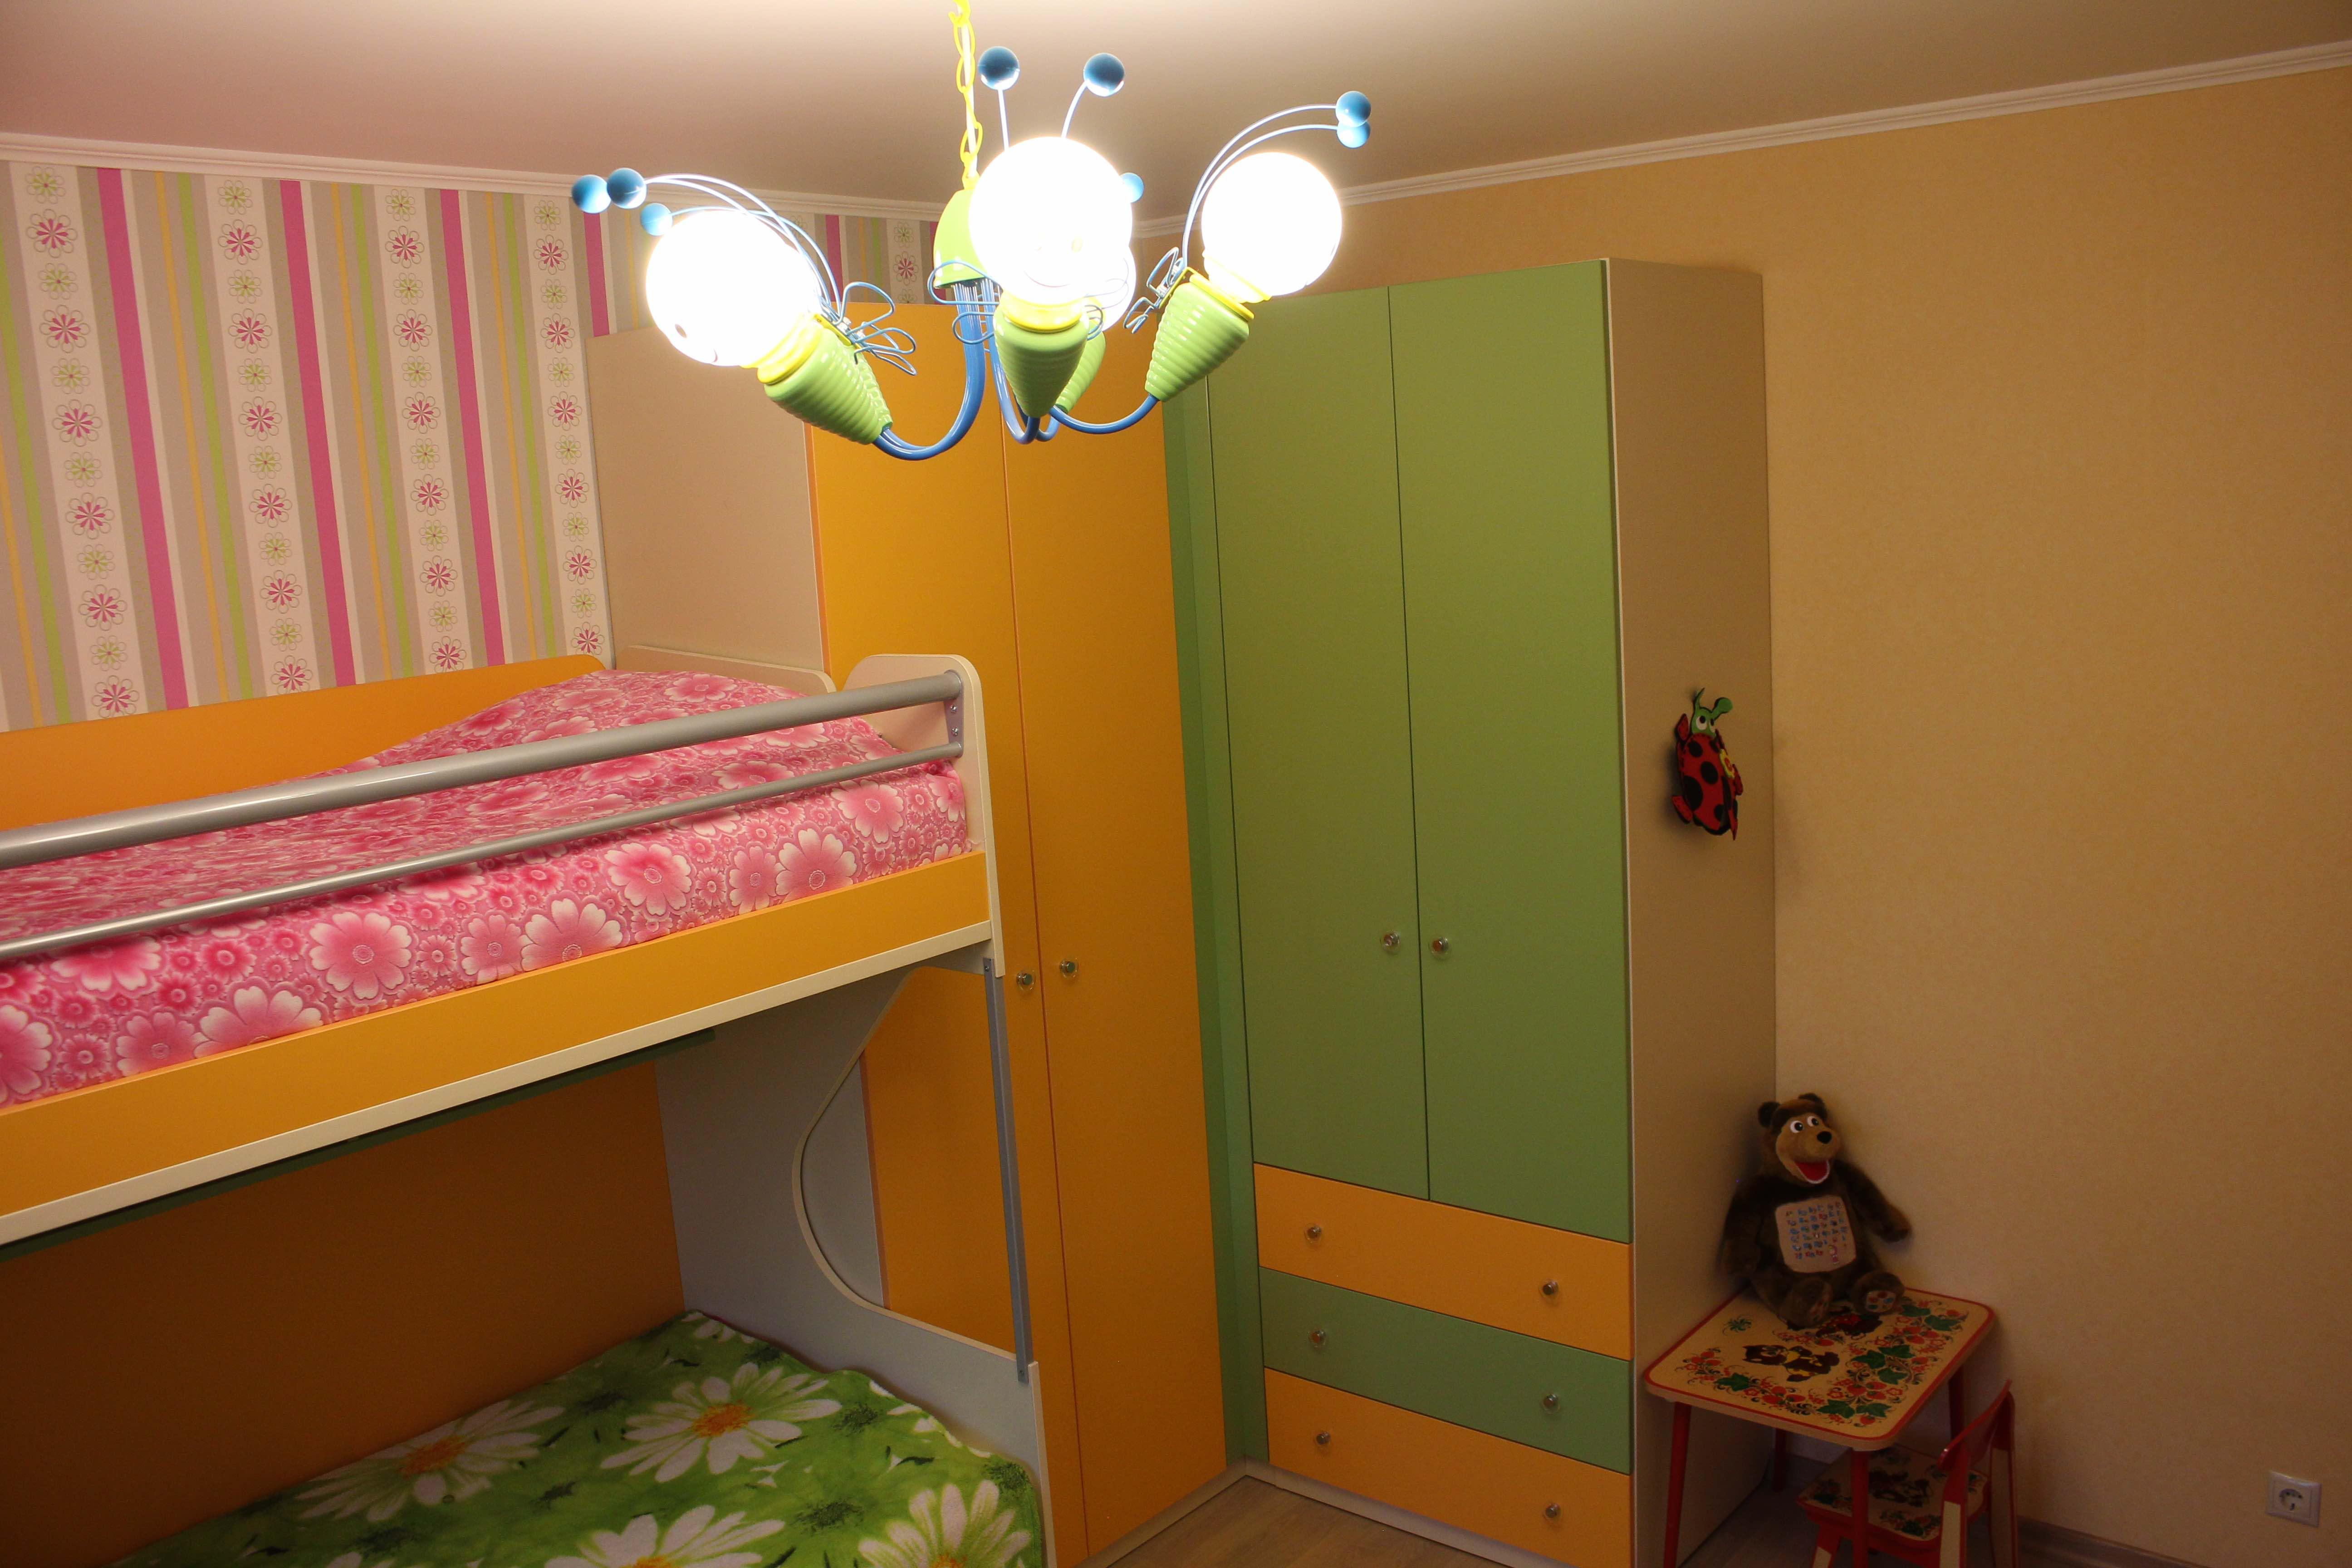 Детская мебель в интерьере - серия Силуэт Софтформ -угловые шкафы